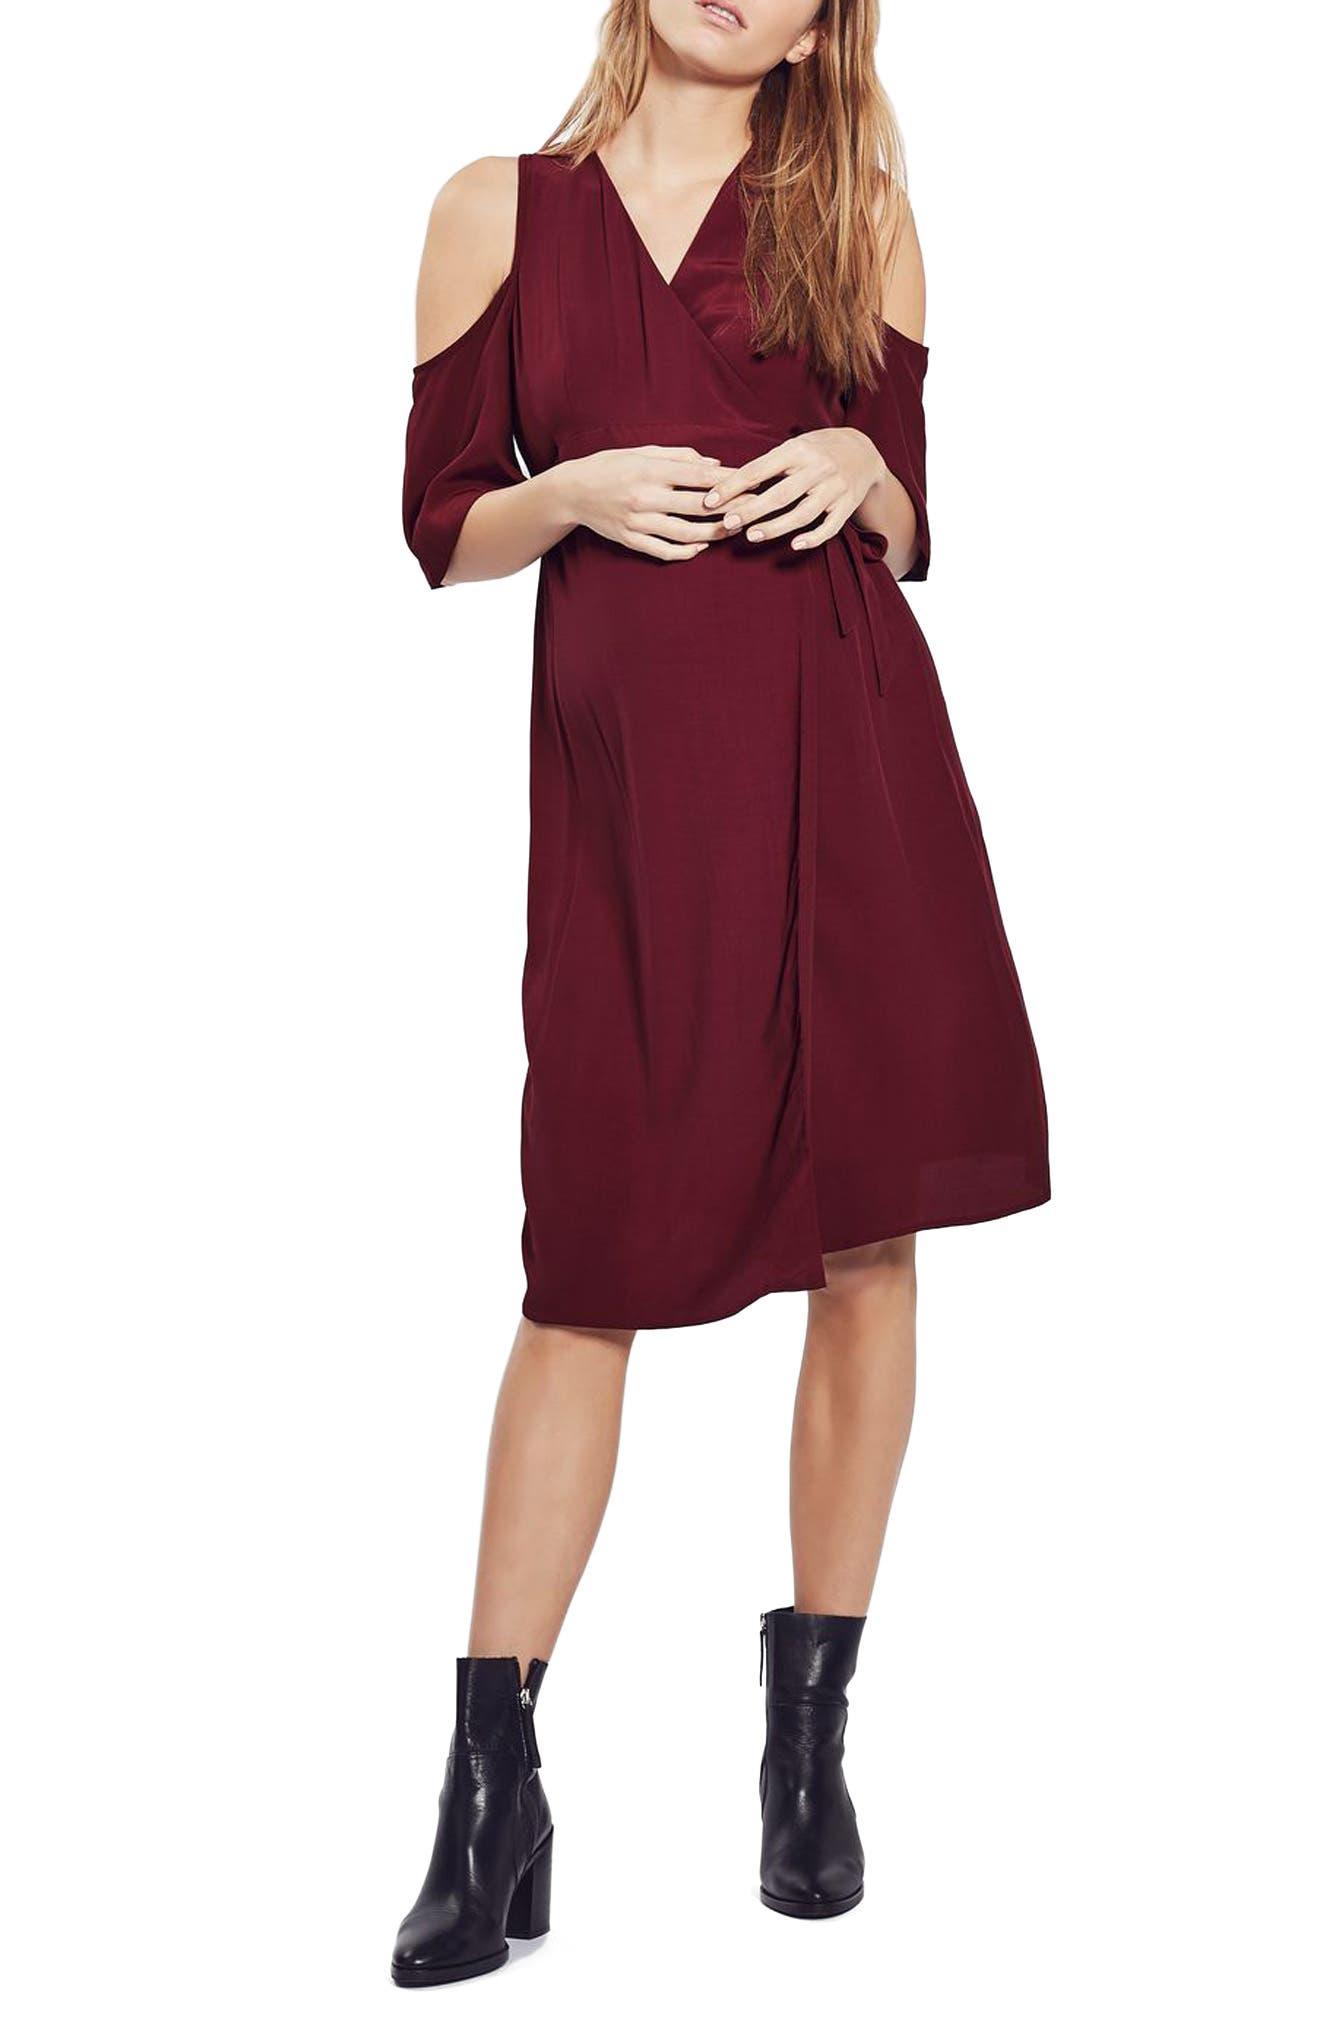 Alternate Image 1 Selected - Topshop Cold Shoulder Wrap Maternity Dress